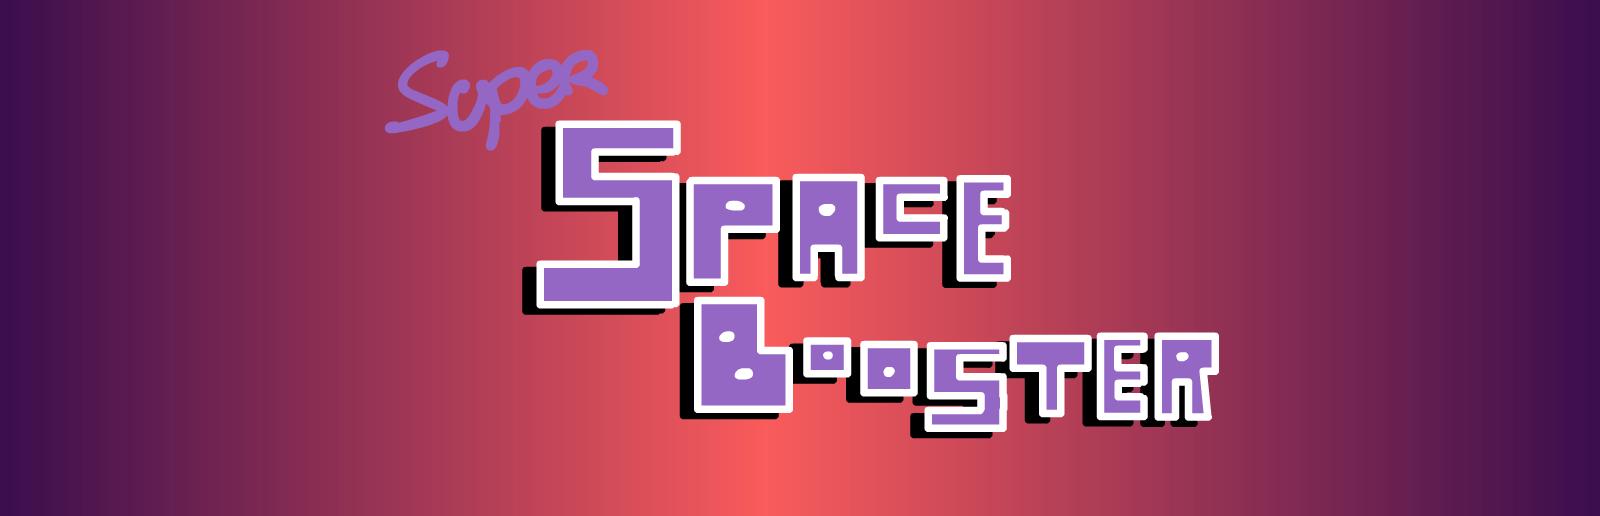 Super Space Booster